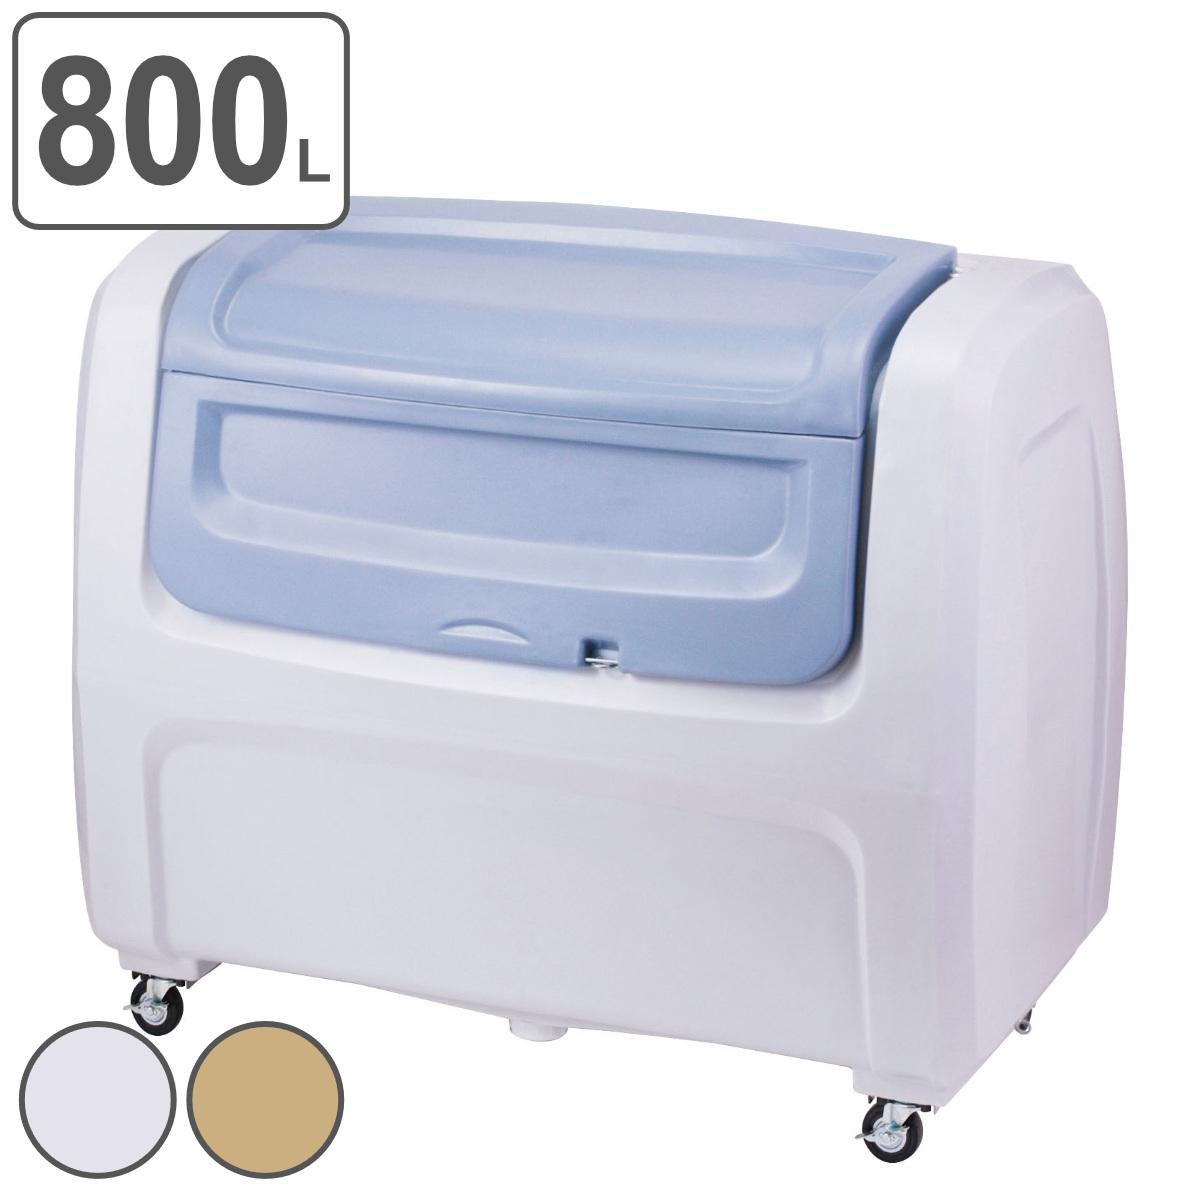 ダストボックスDX #800 (大型ゴミ箱 回収用 キャスター付き 山崎産業 送料無料 ) 【5000円以上送料無料】